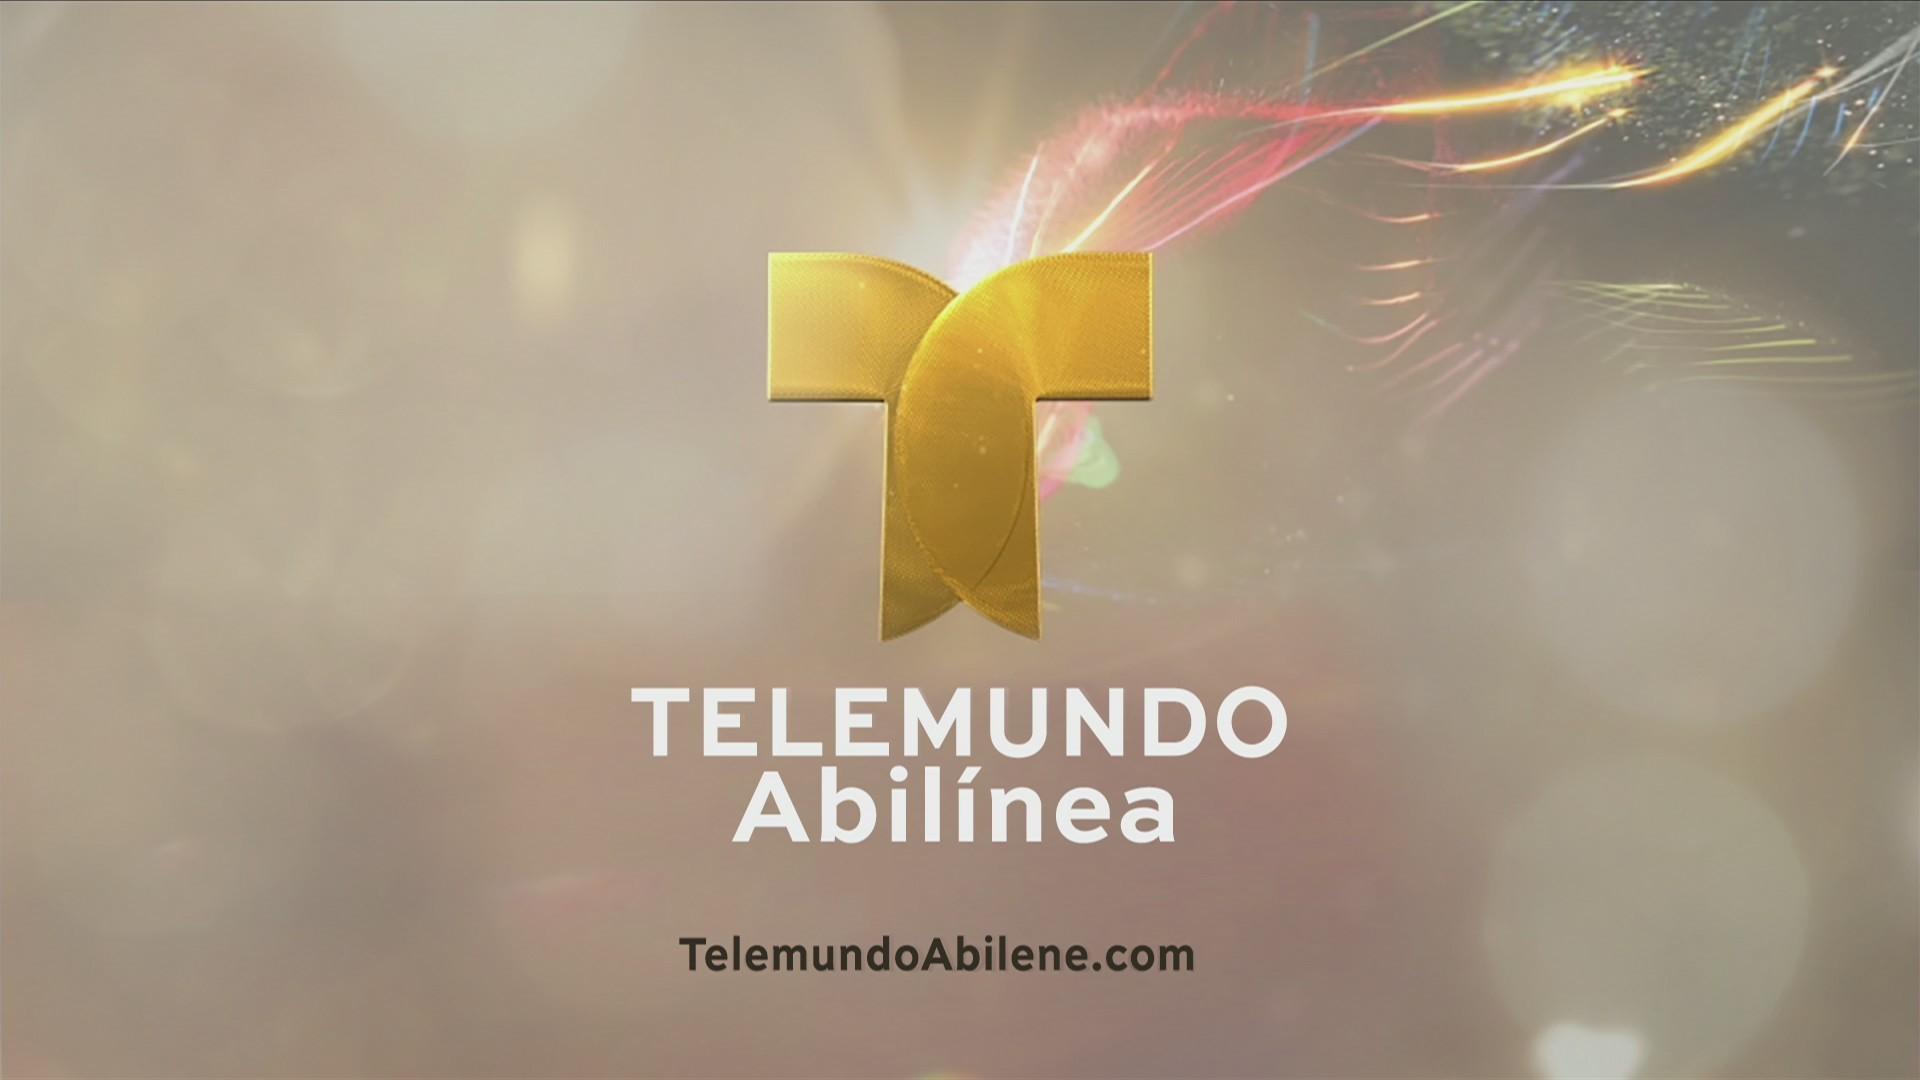 Telemundo Abilínea - 26 de marzo, 2019